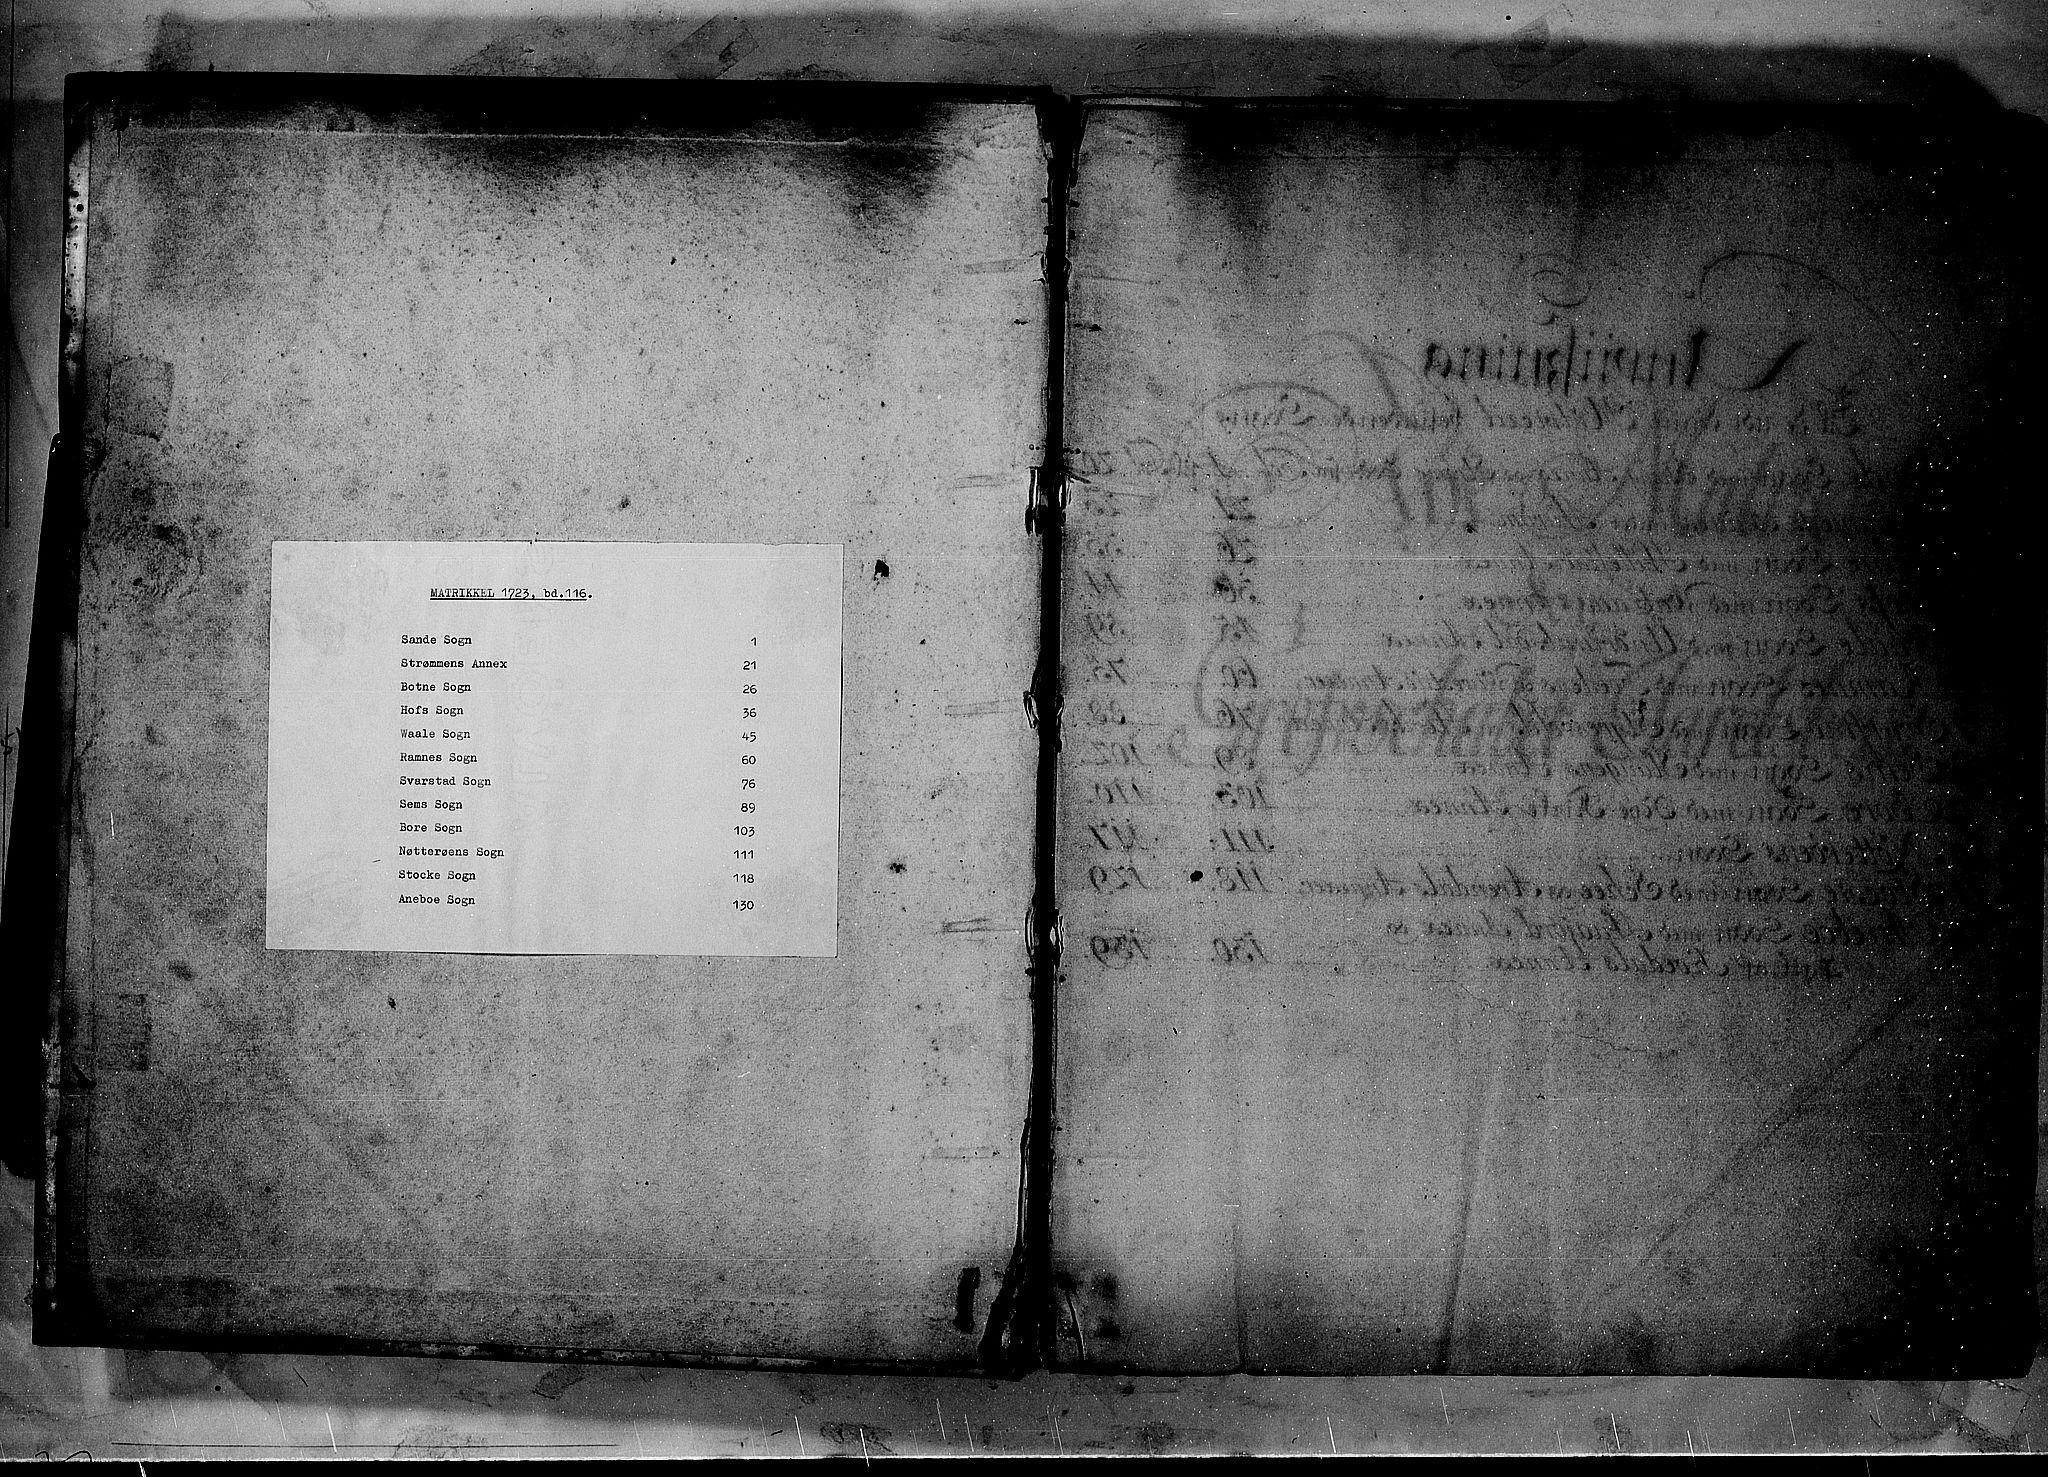 RA, Rentekammeret inntil 1814, Realistisk ordnet avdeling, N/Nb/Nbf/L0116: Jarlsberg grevskap matrikkelprotokoll, 1723, s. upaginert